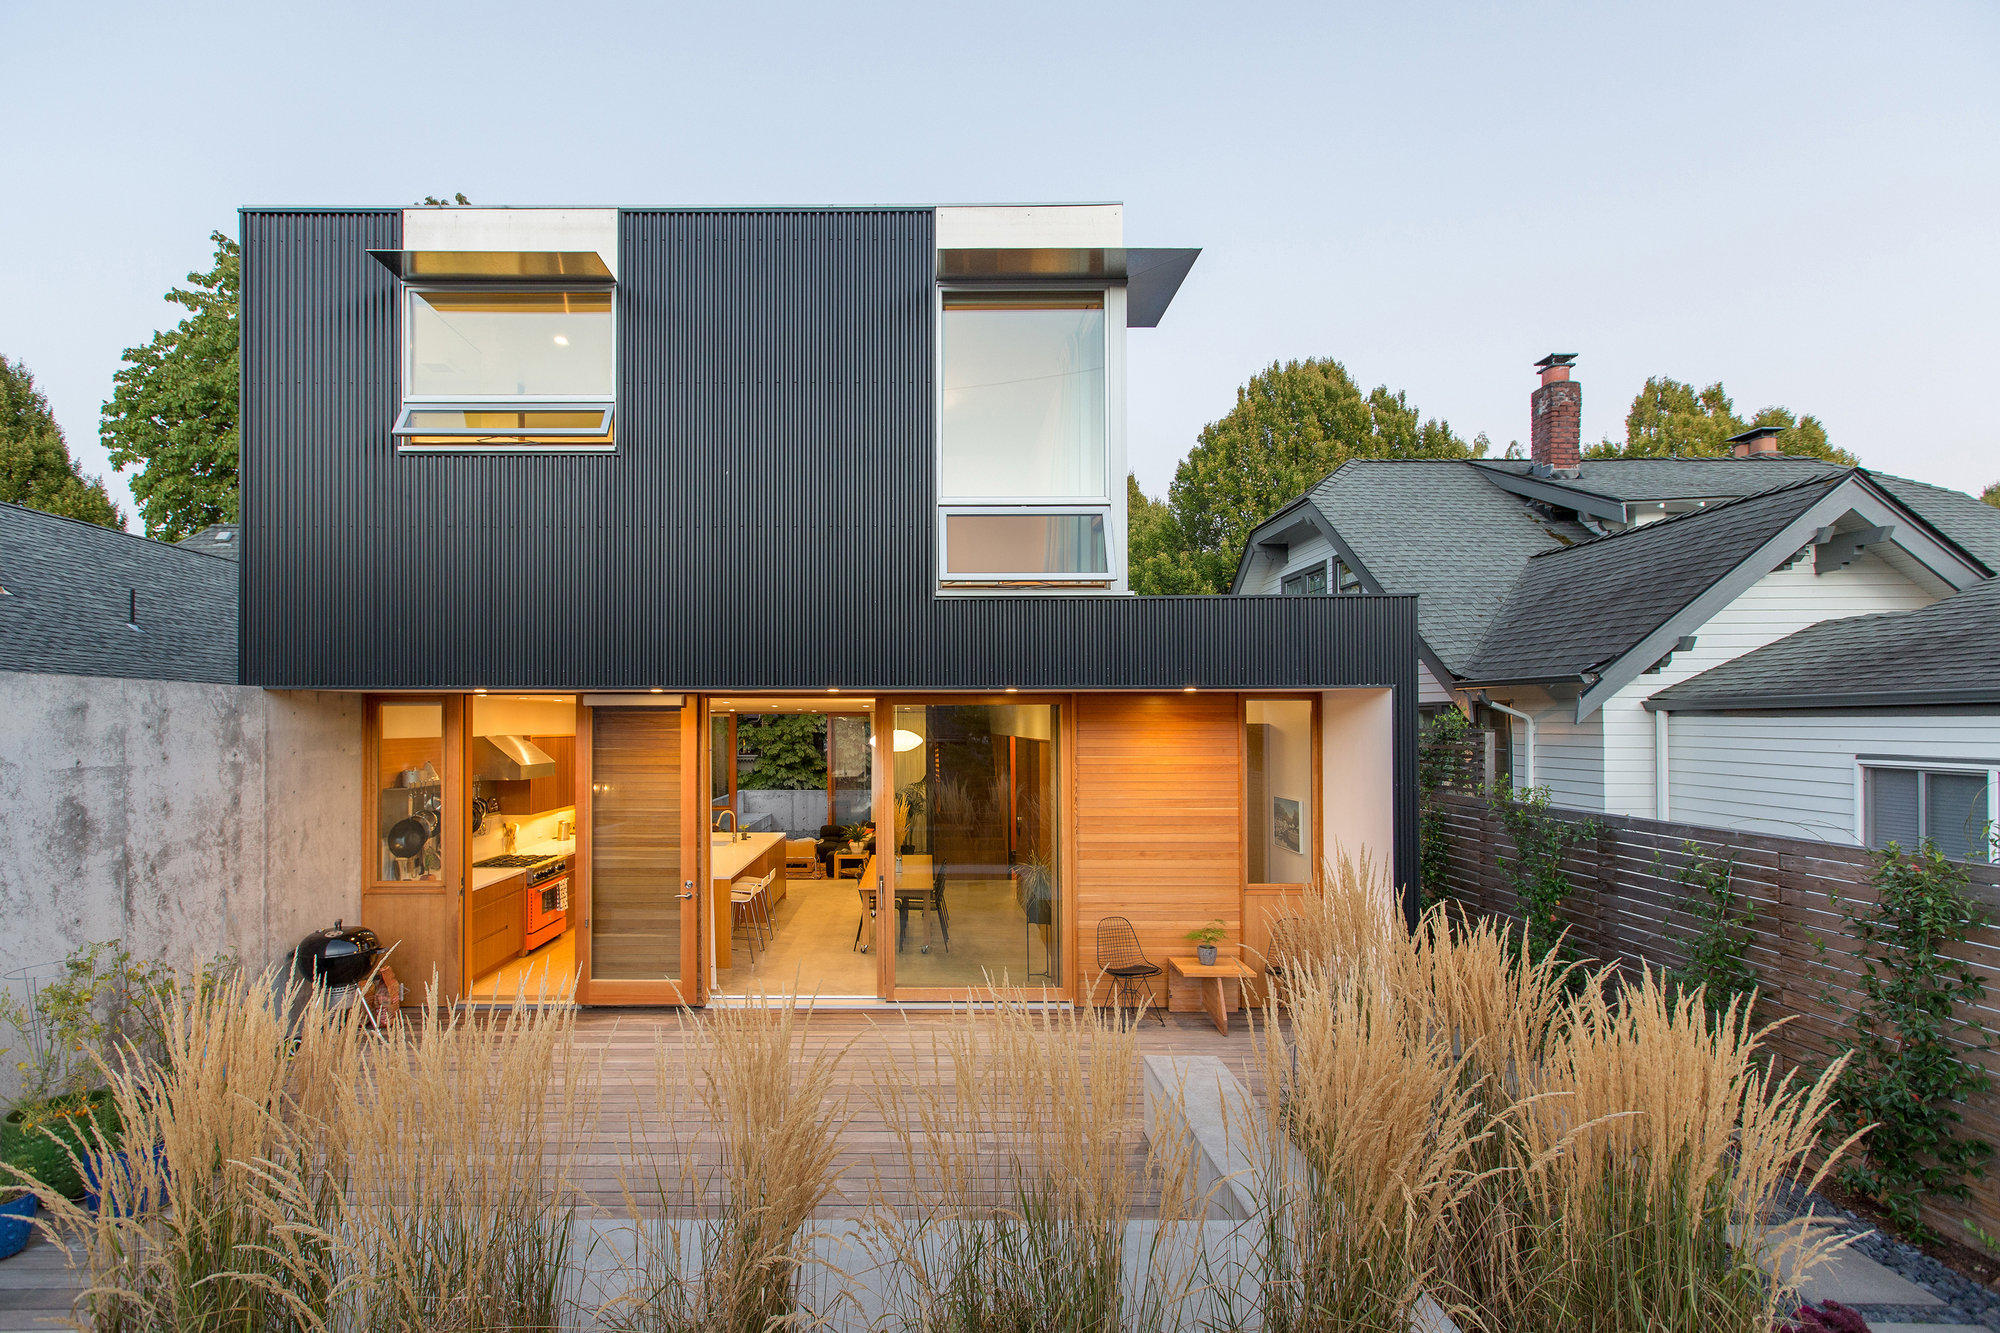 Hill House Design Architecture